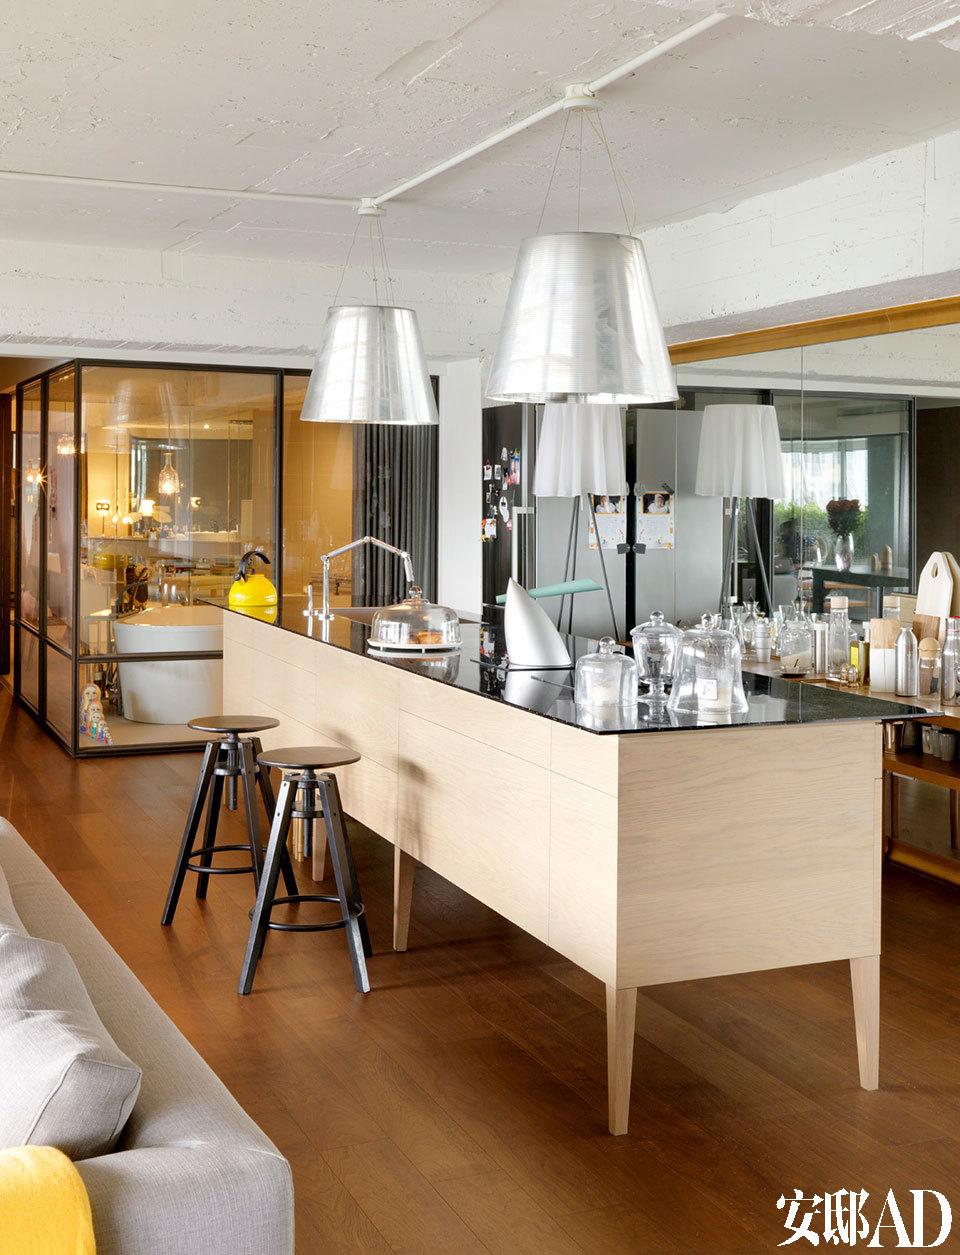 """""""客厅大,室内空间看起来就大。我特别将家的1/2留给客厅和餐厅,让到访的朋友能更随意交流。""""大型中岛台为厨房,为了美观,包益民舍弃抽油烟机,以电炉为主。镶了金框的镜墙,内有隐藏柜子,空间看来更加宽阔,天花吊着Philippe Starck设计的""""Miss K""""吊灯。"""